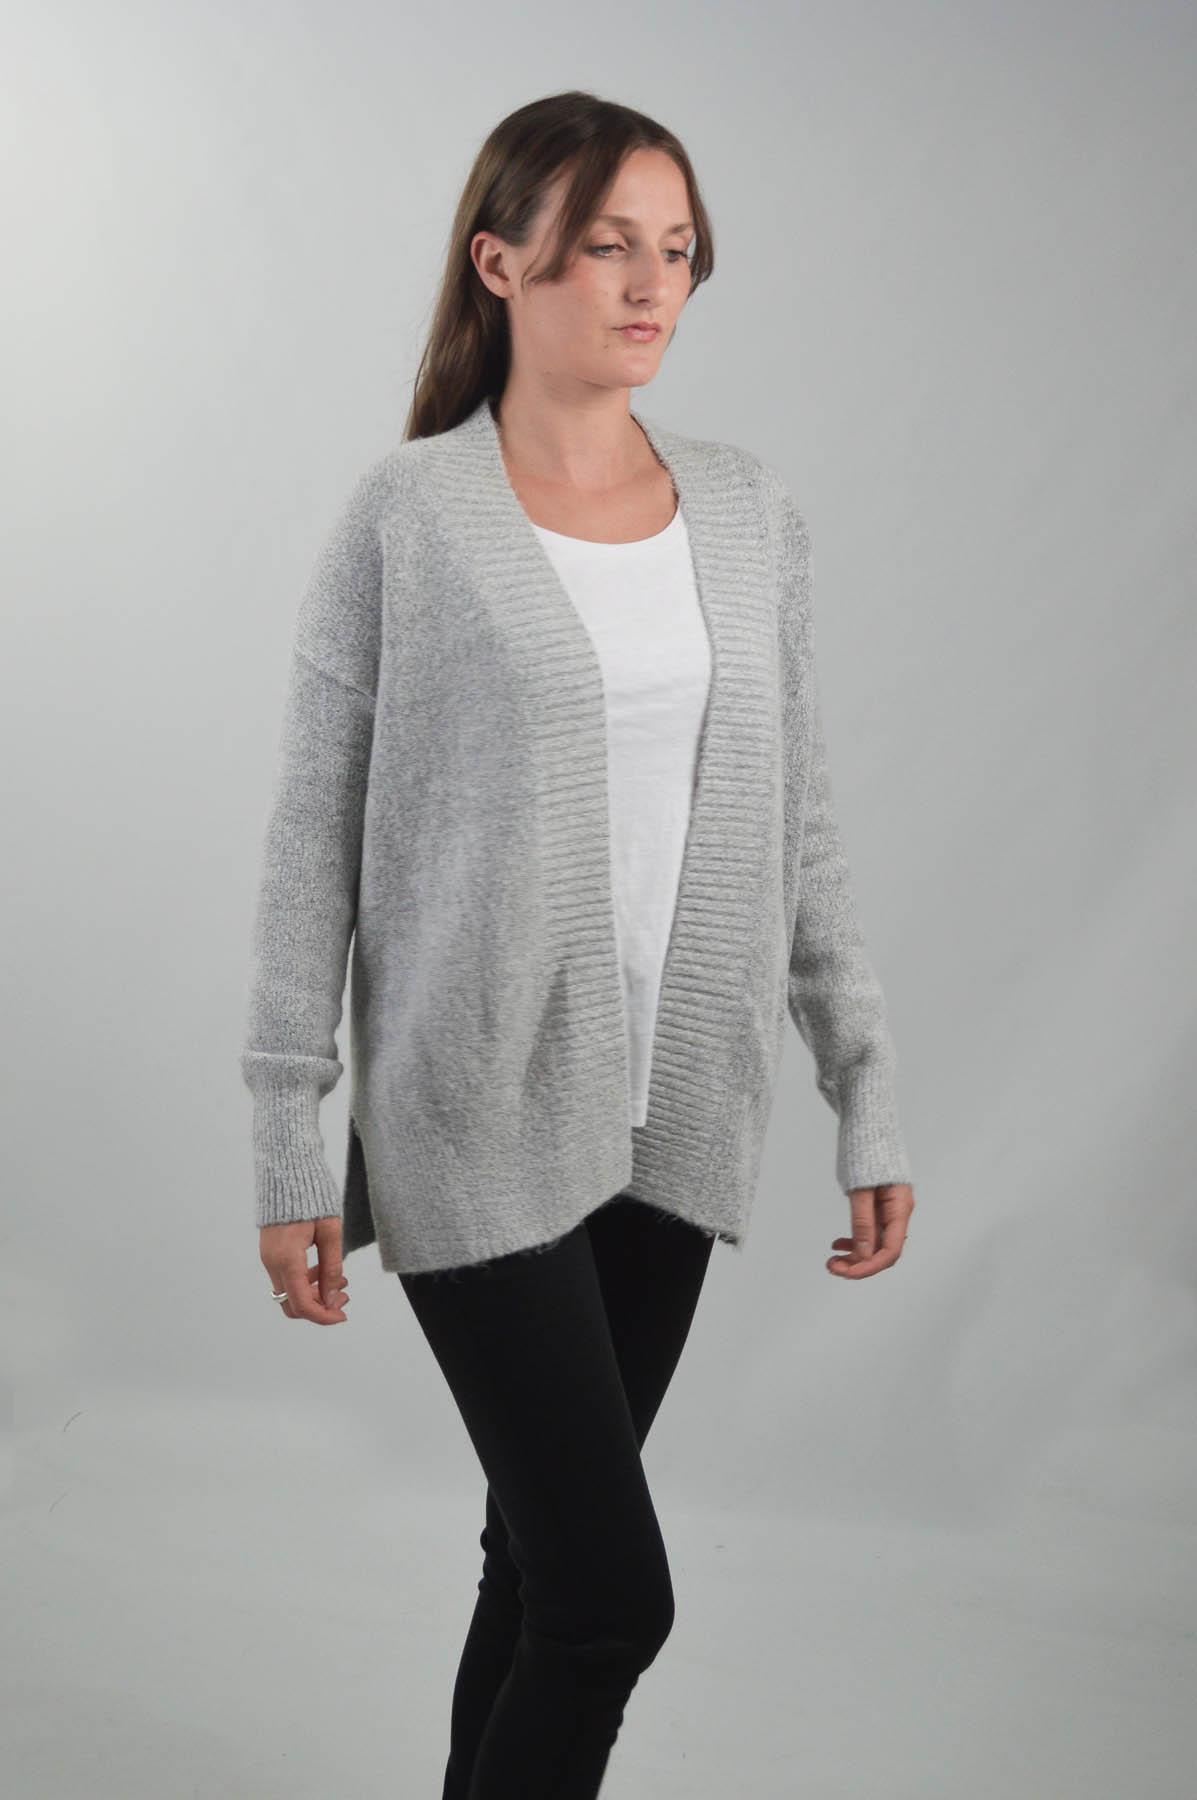 Chaqueta-Para-Mujer-Frente-Abierto-bordes-ribeteados-Lado-Splits-Borgona-gris-de-punto-grueso miniatura 9